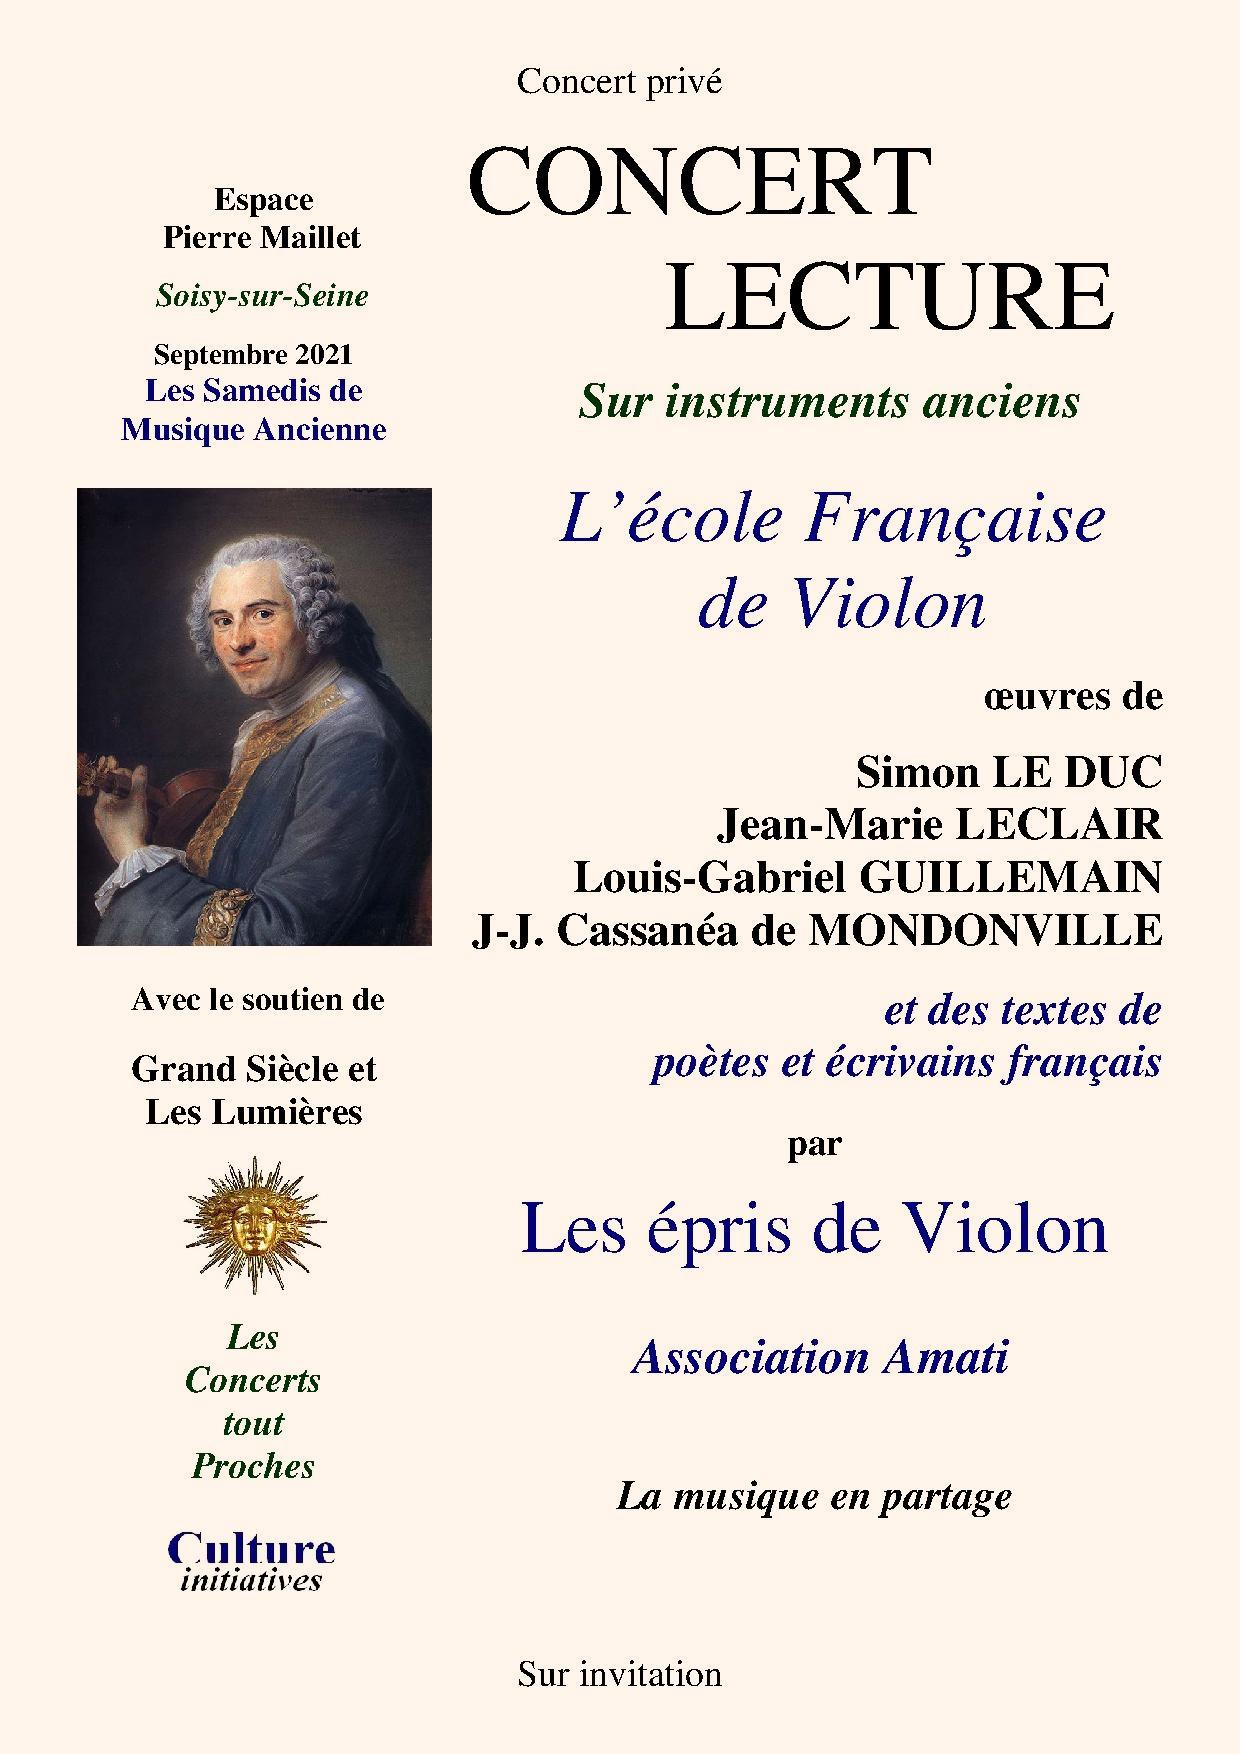 L'école Française de Violon